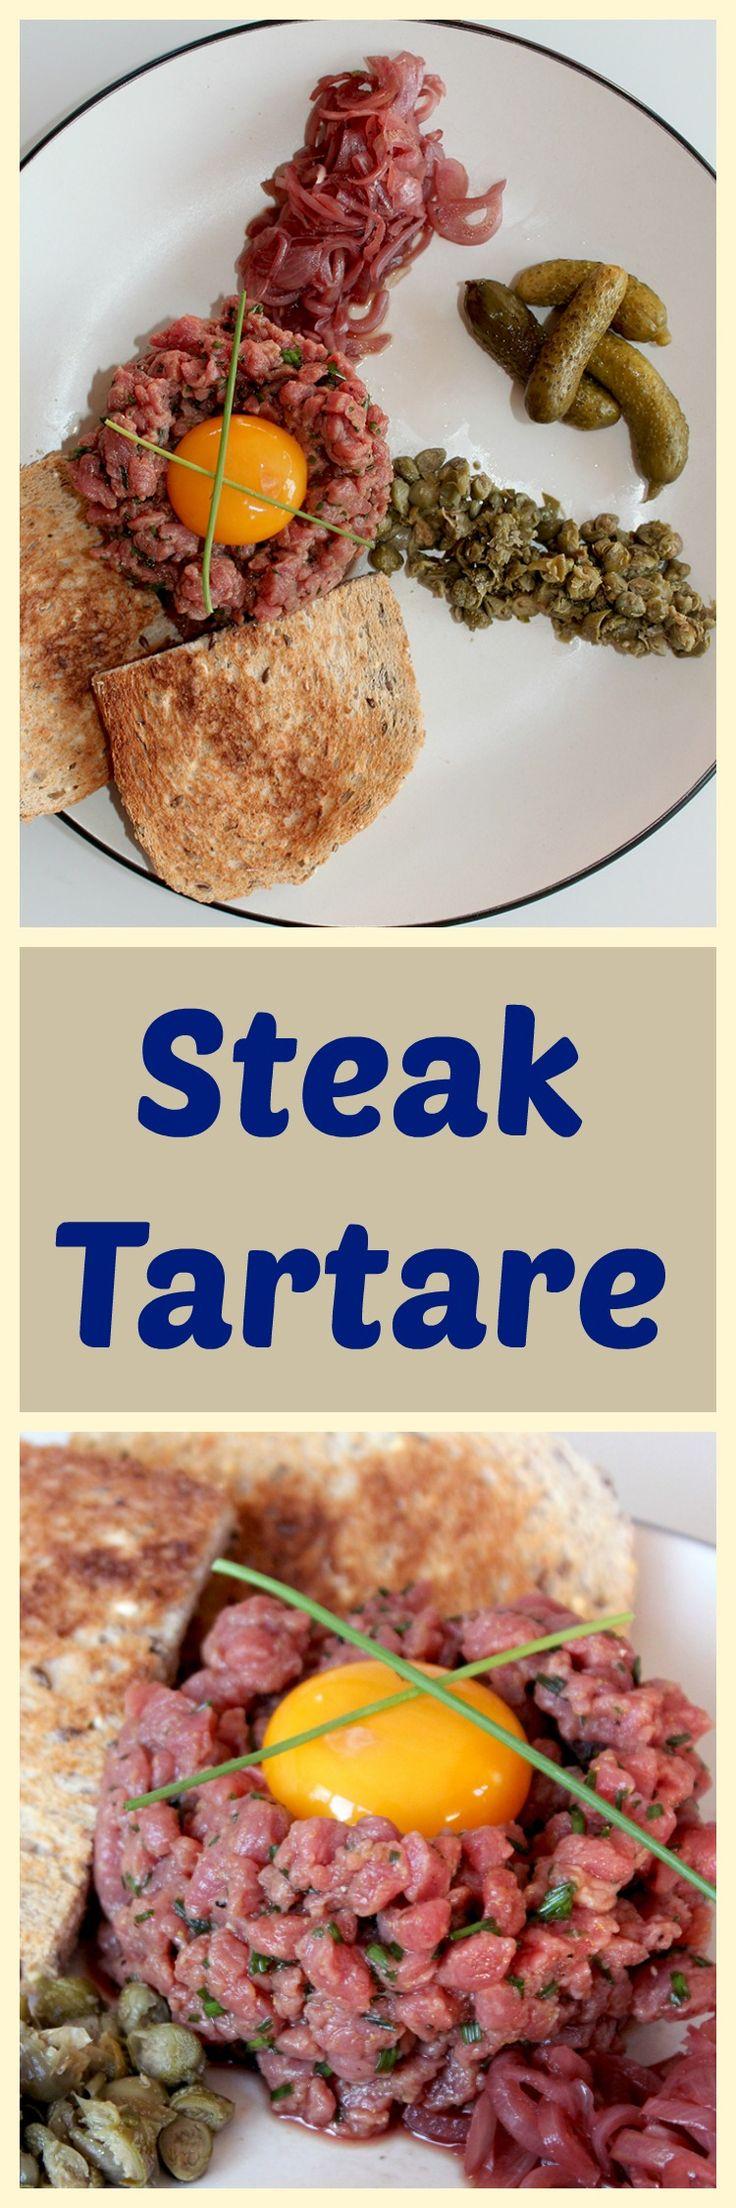 Classic Steak Tartare Recipe — Dishmaps |Steak Tartare Recipe